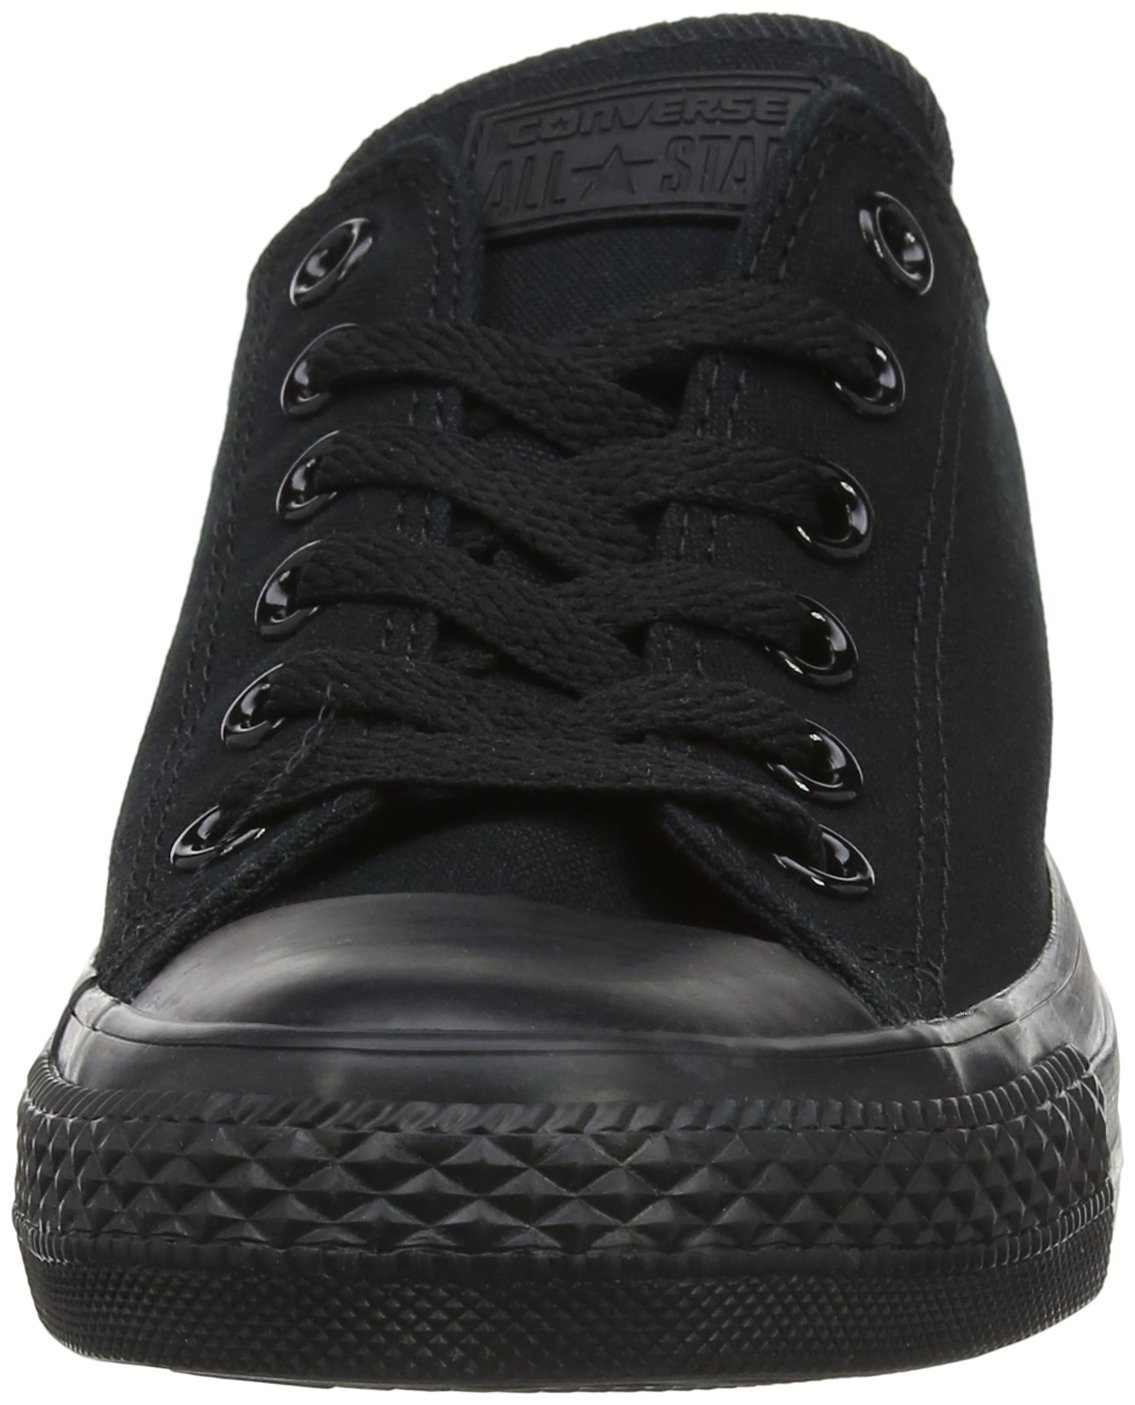 Converse Chuck Taylor All Star Seasonal, Zapatillas de Estar por Casa para Hombre 42.5 EU|Black Monochrome